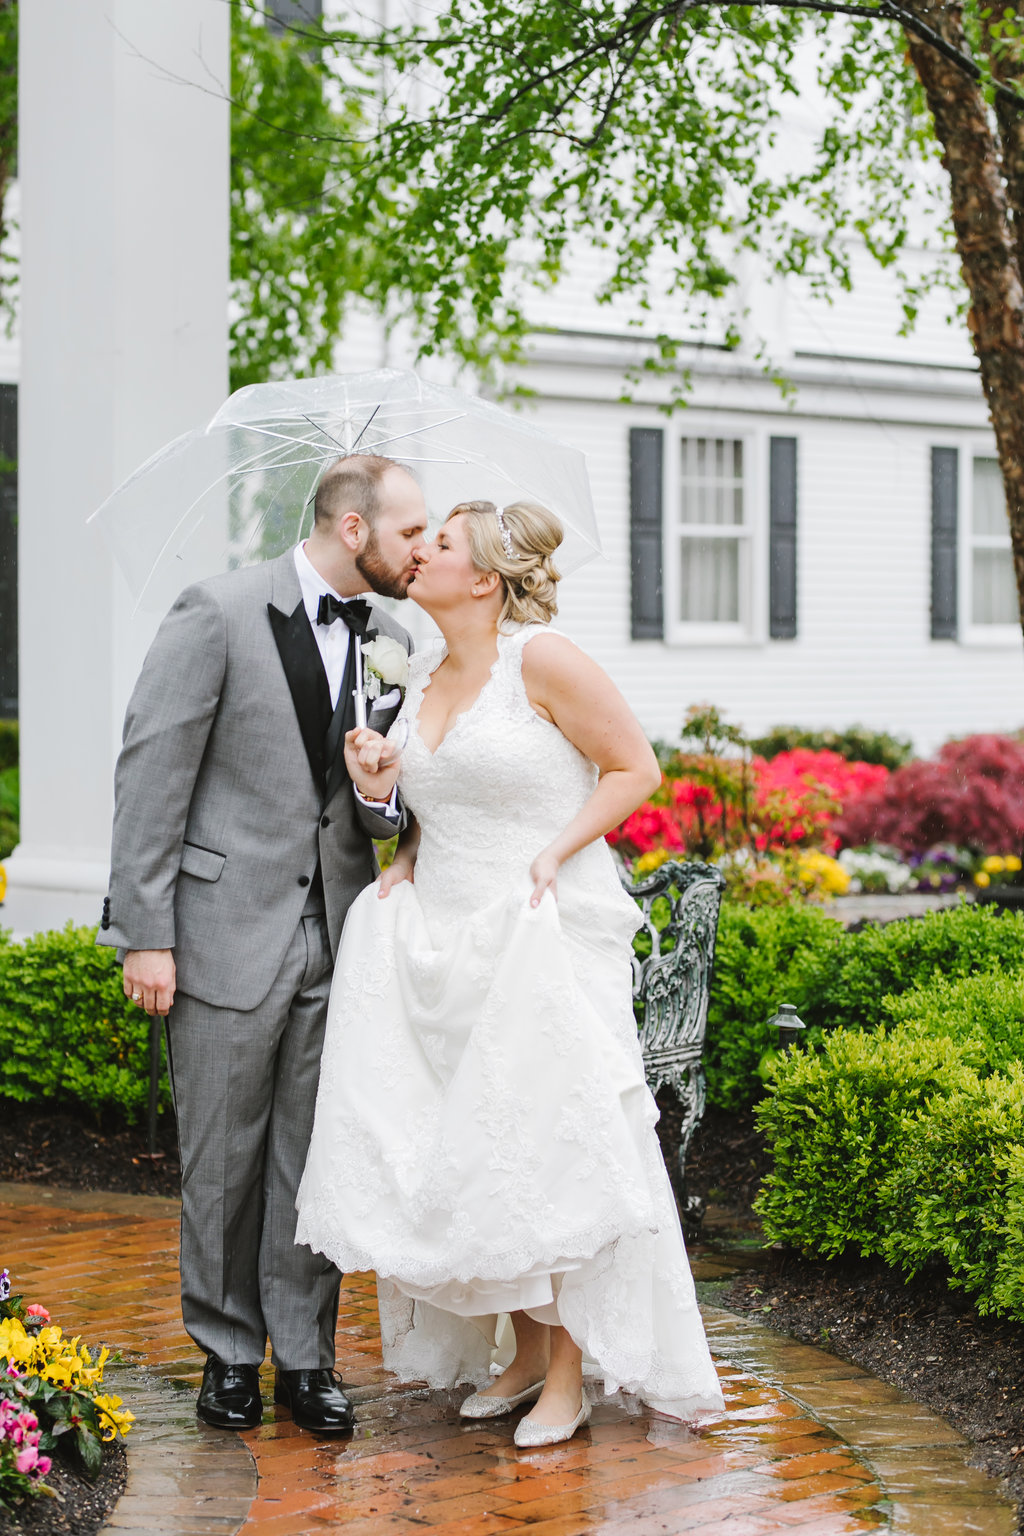 Melissa+MattWedding-EmilyTebbettsPhotography-445.jpg